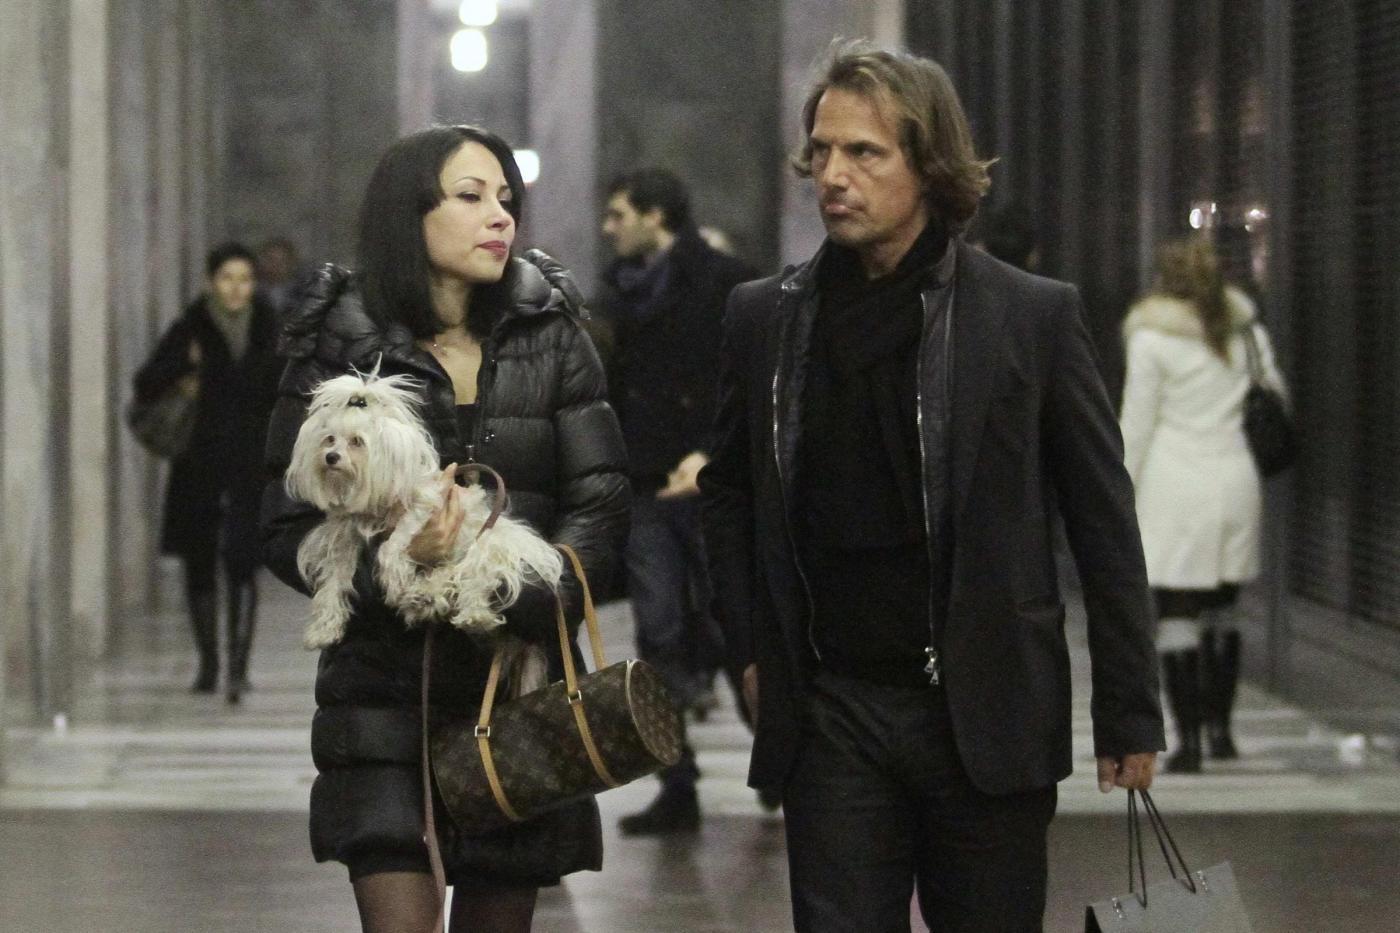 Antonio Zequila con ragazza e cagnolino a Milano02